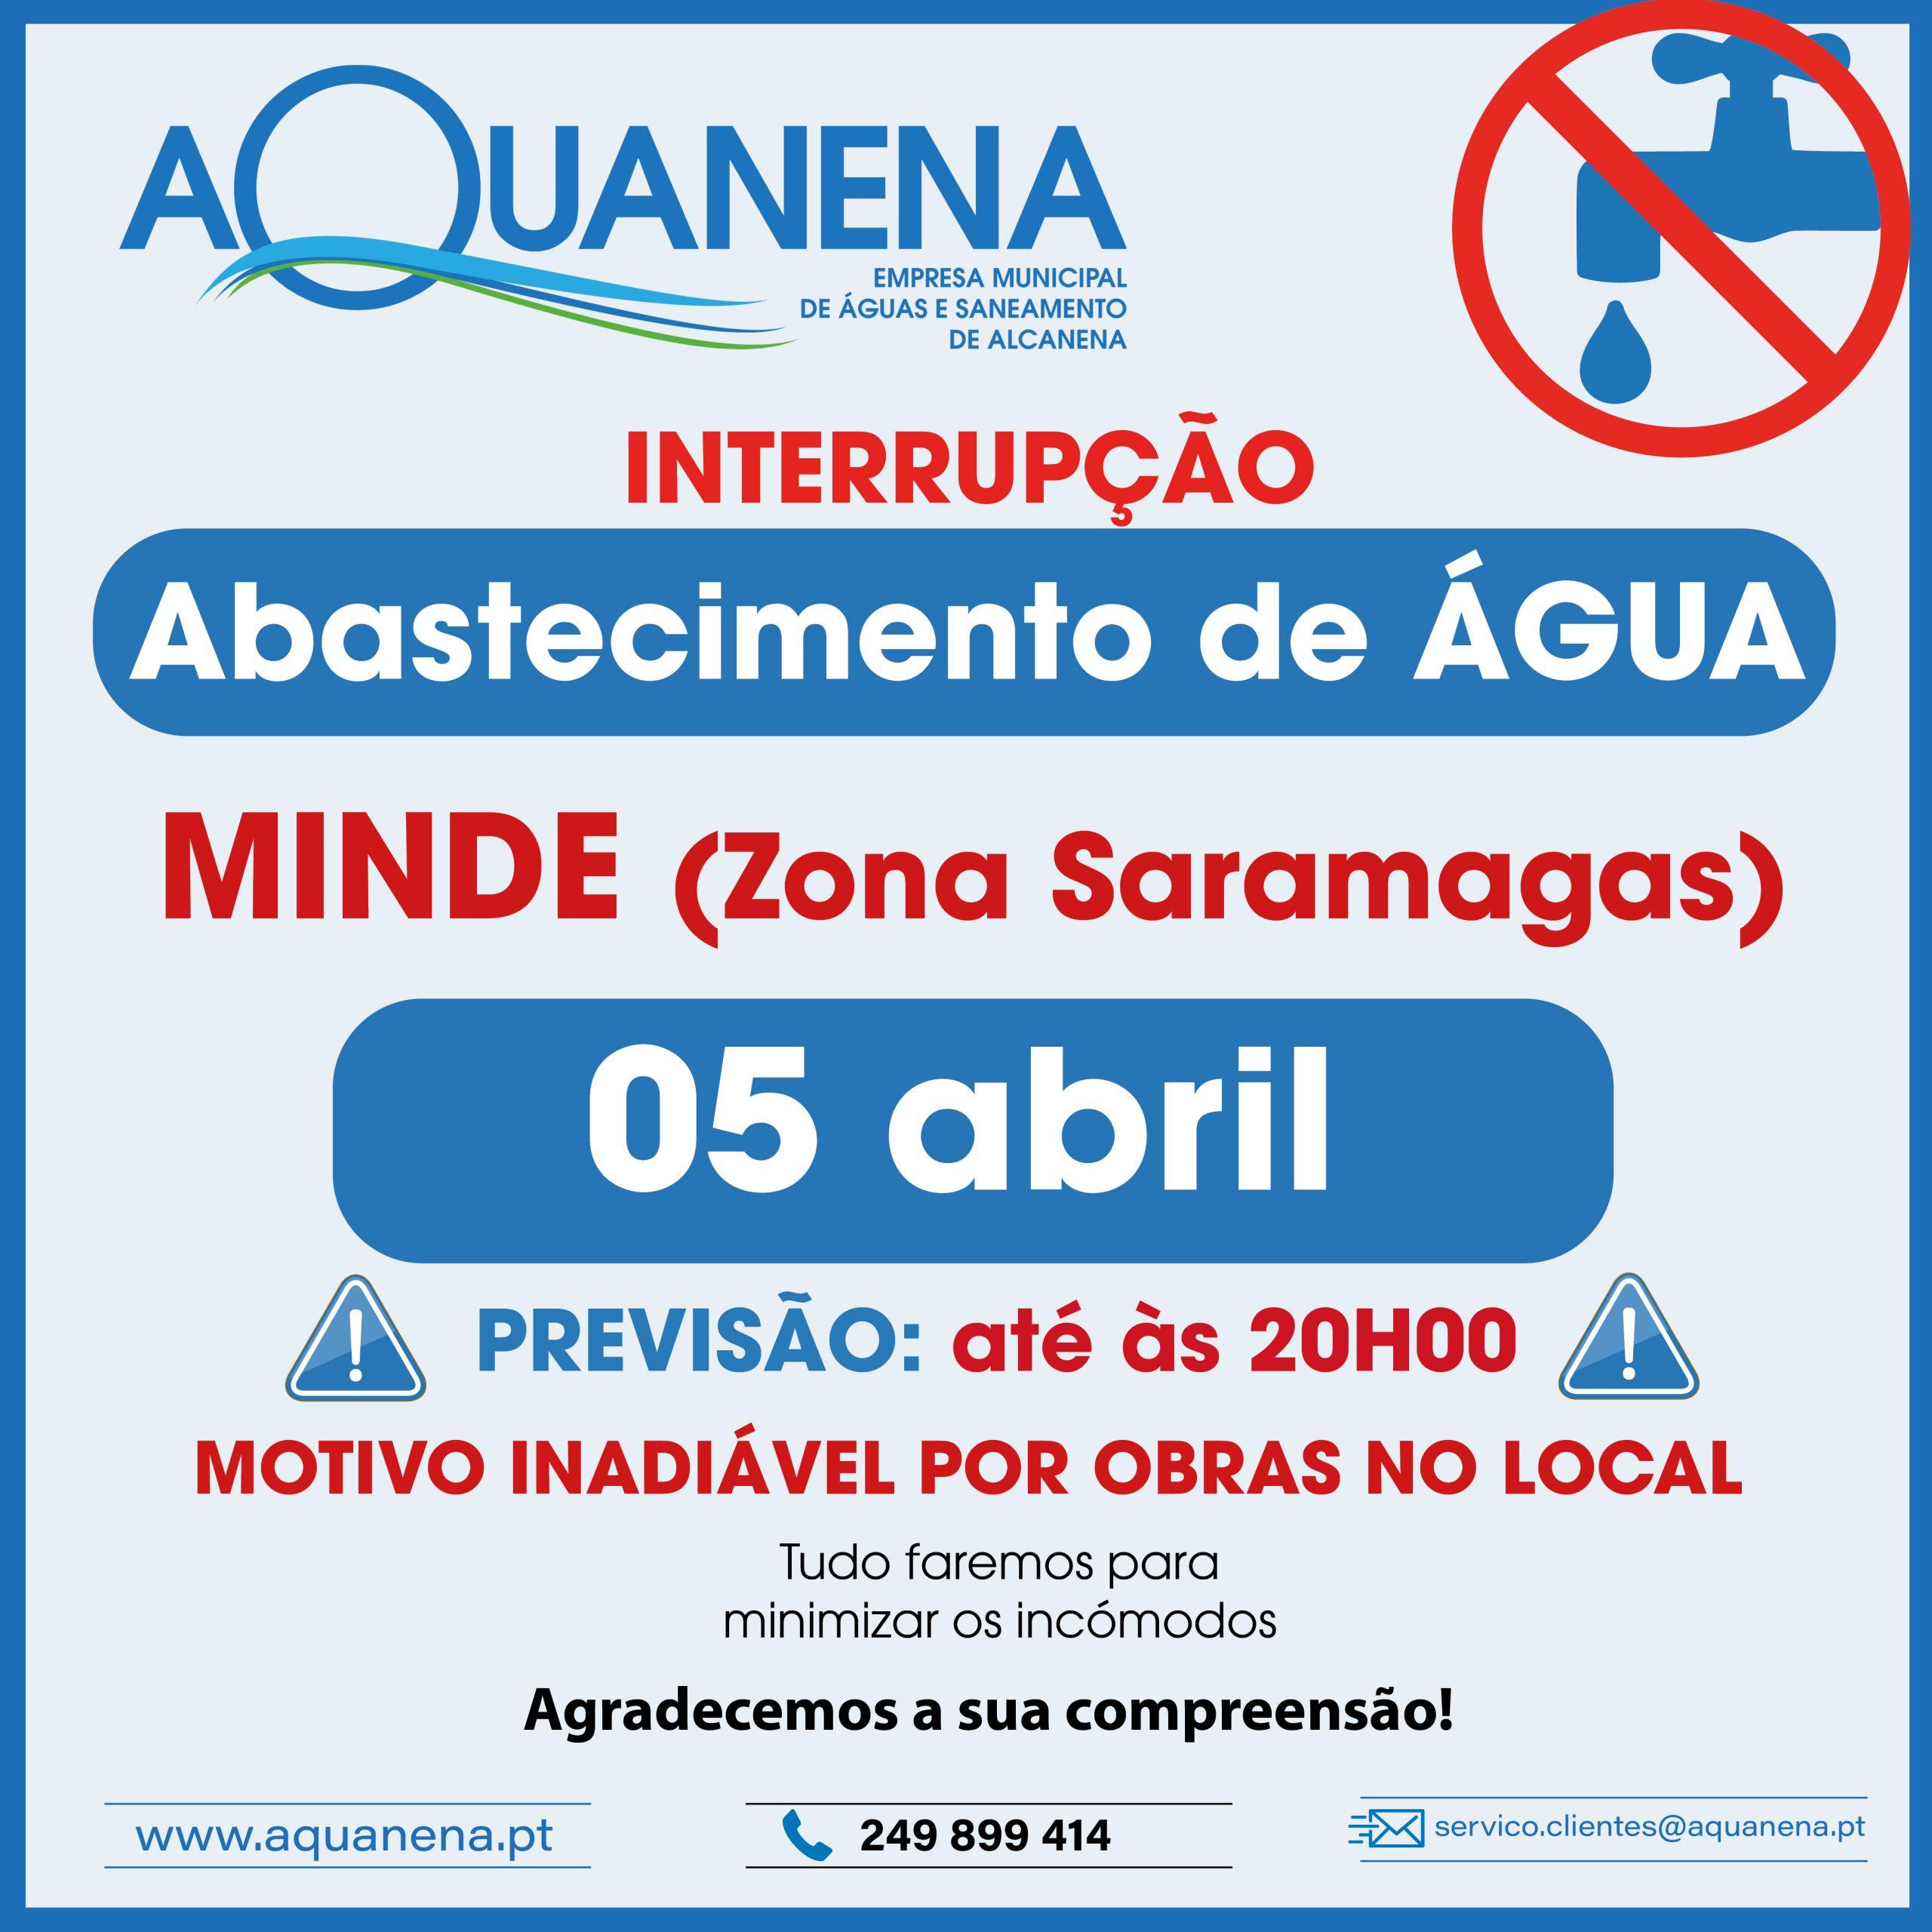 INTERRUPÇÃO de abastecimento de água em MINDE (Saramagas) | 05 ABRIL